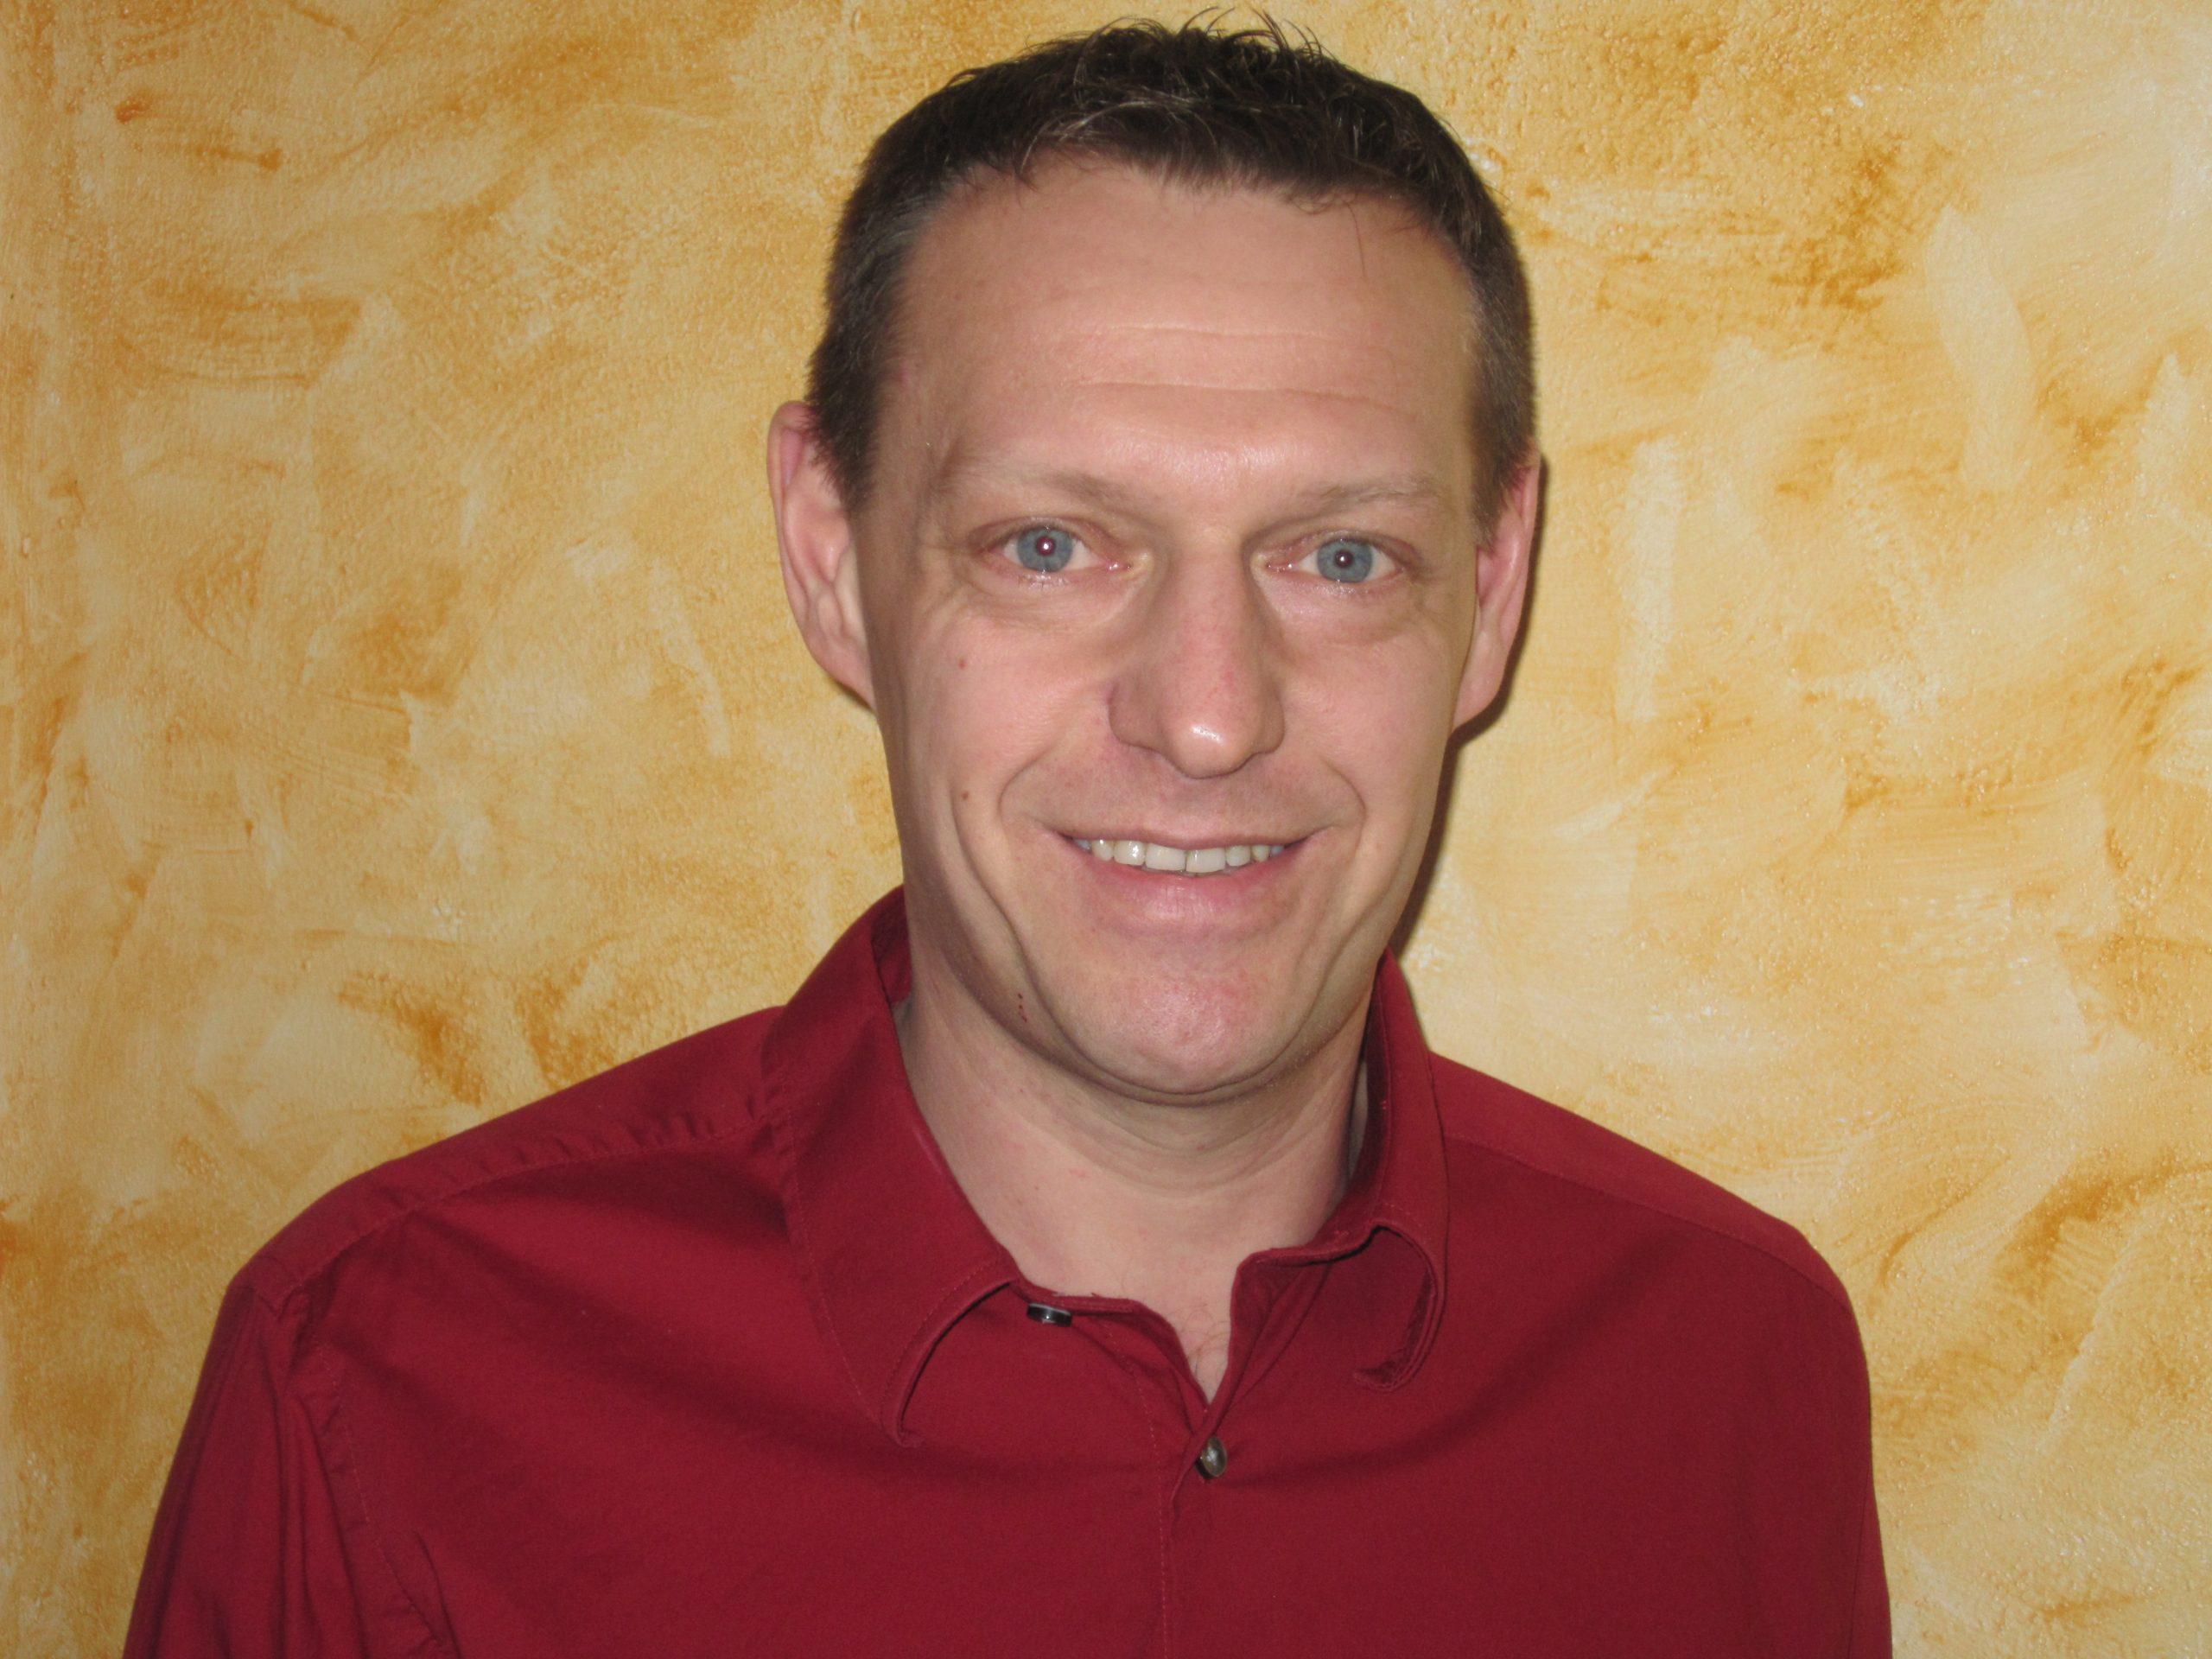 Profilbild Frank Ortler